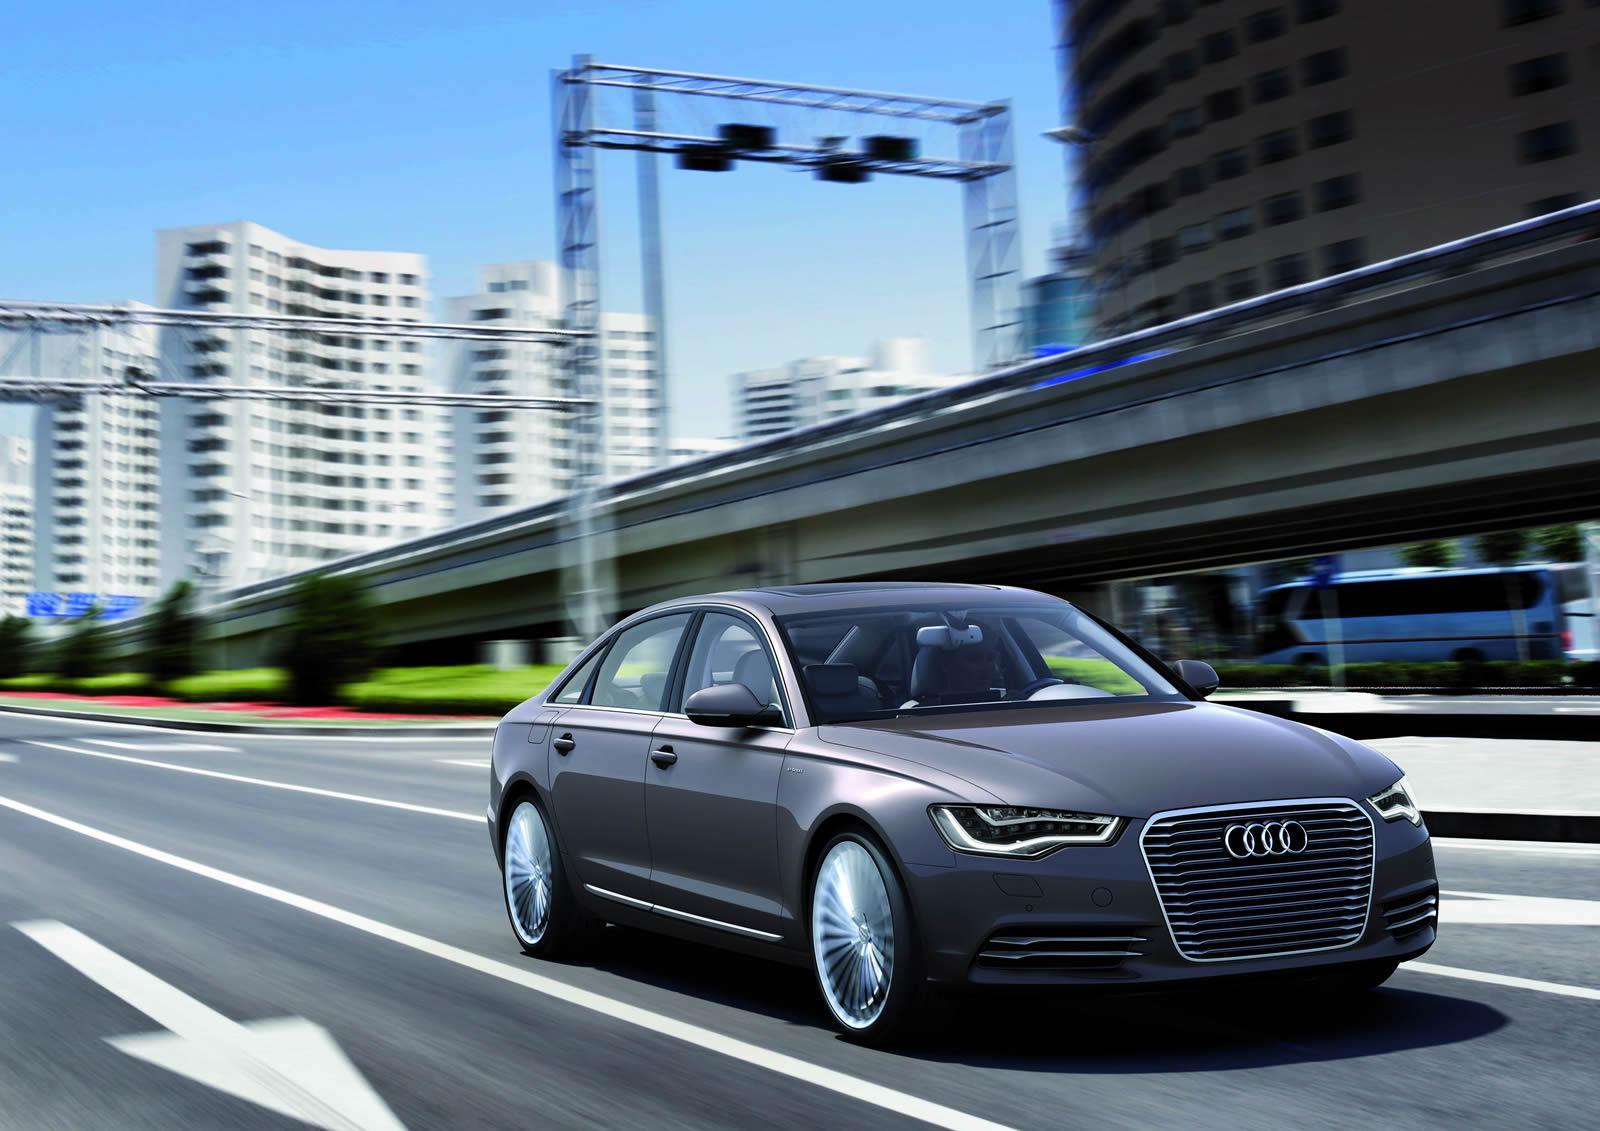 Шанхайский концепт Audi A6 L e-tron 2012 года